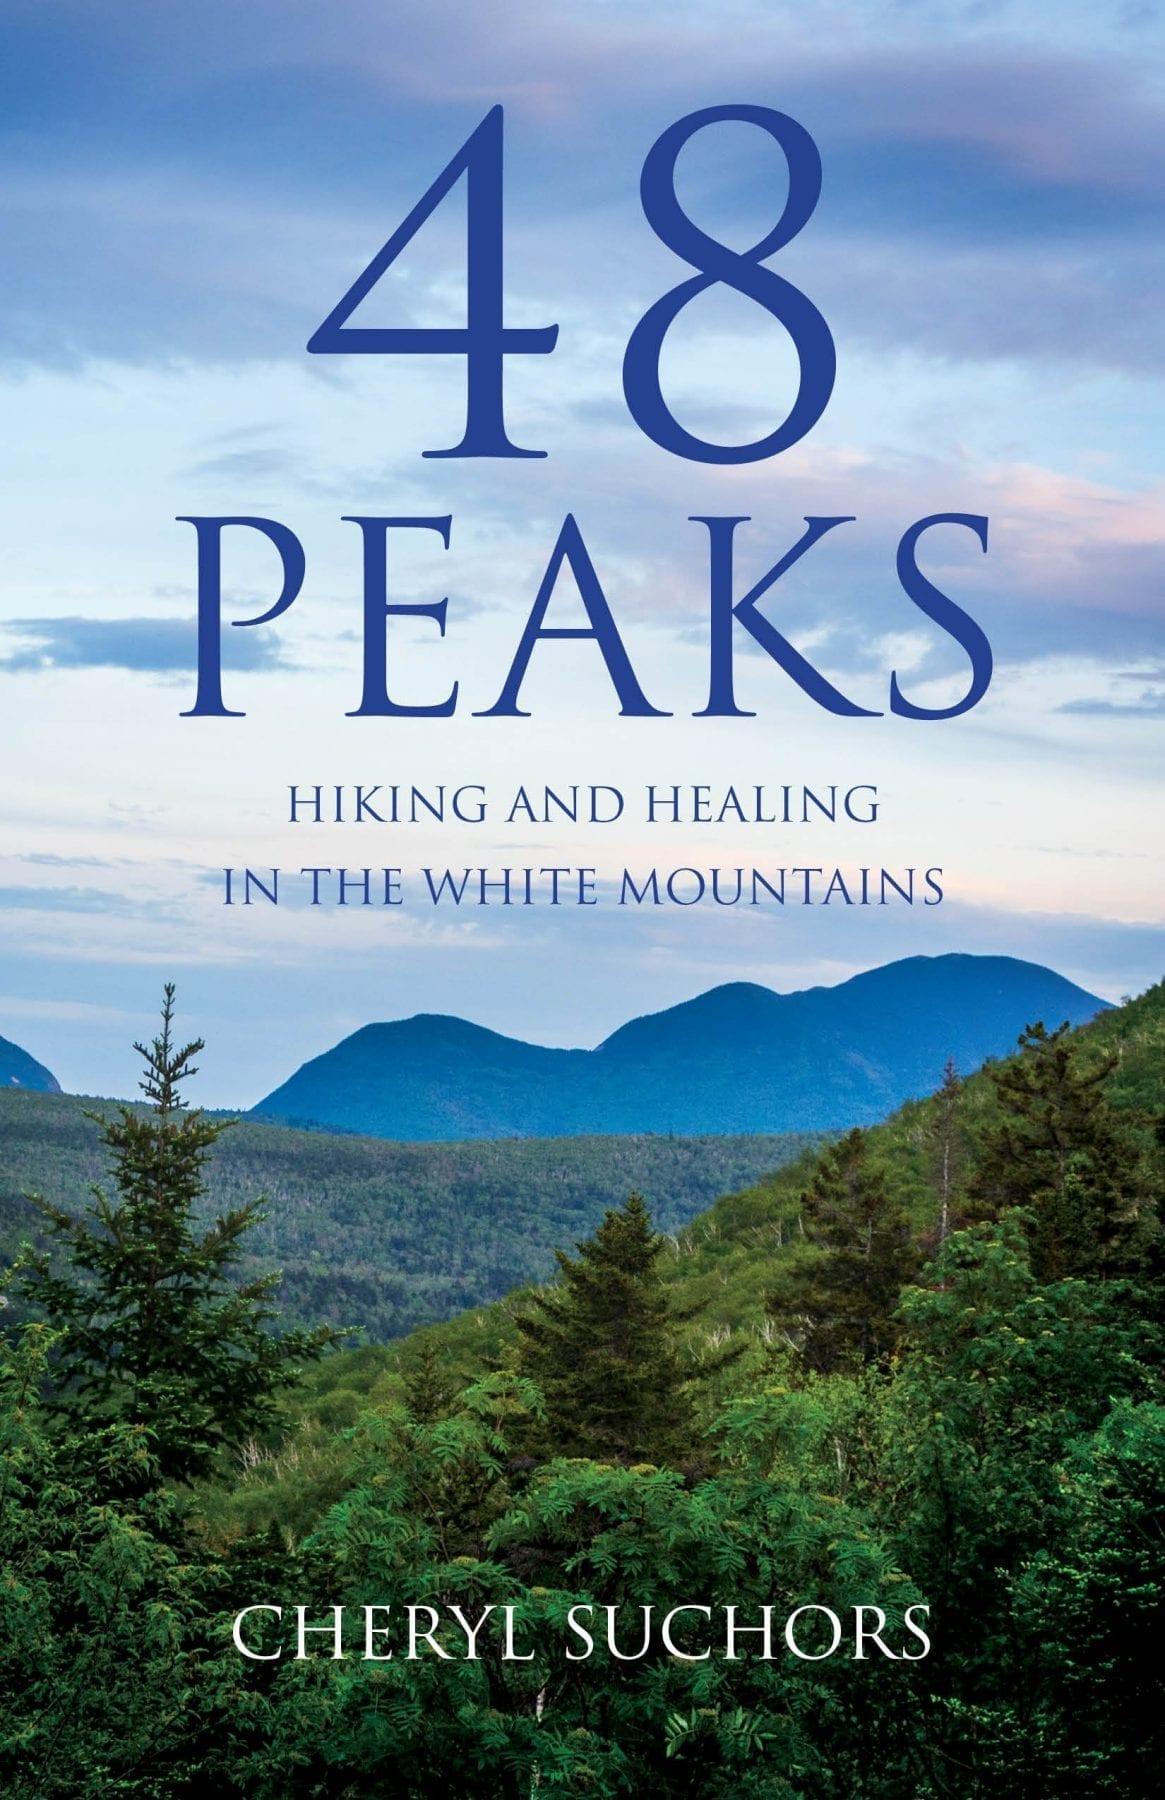 48 Peaks by Cheryl Suchors